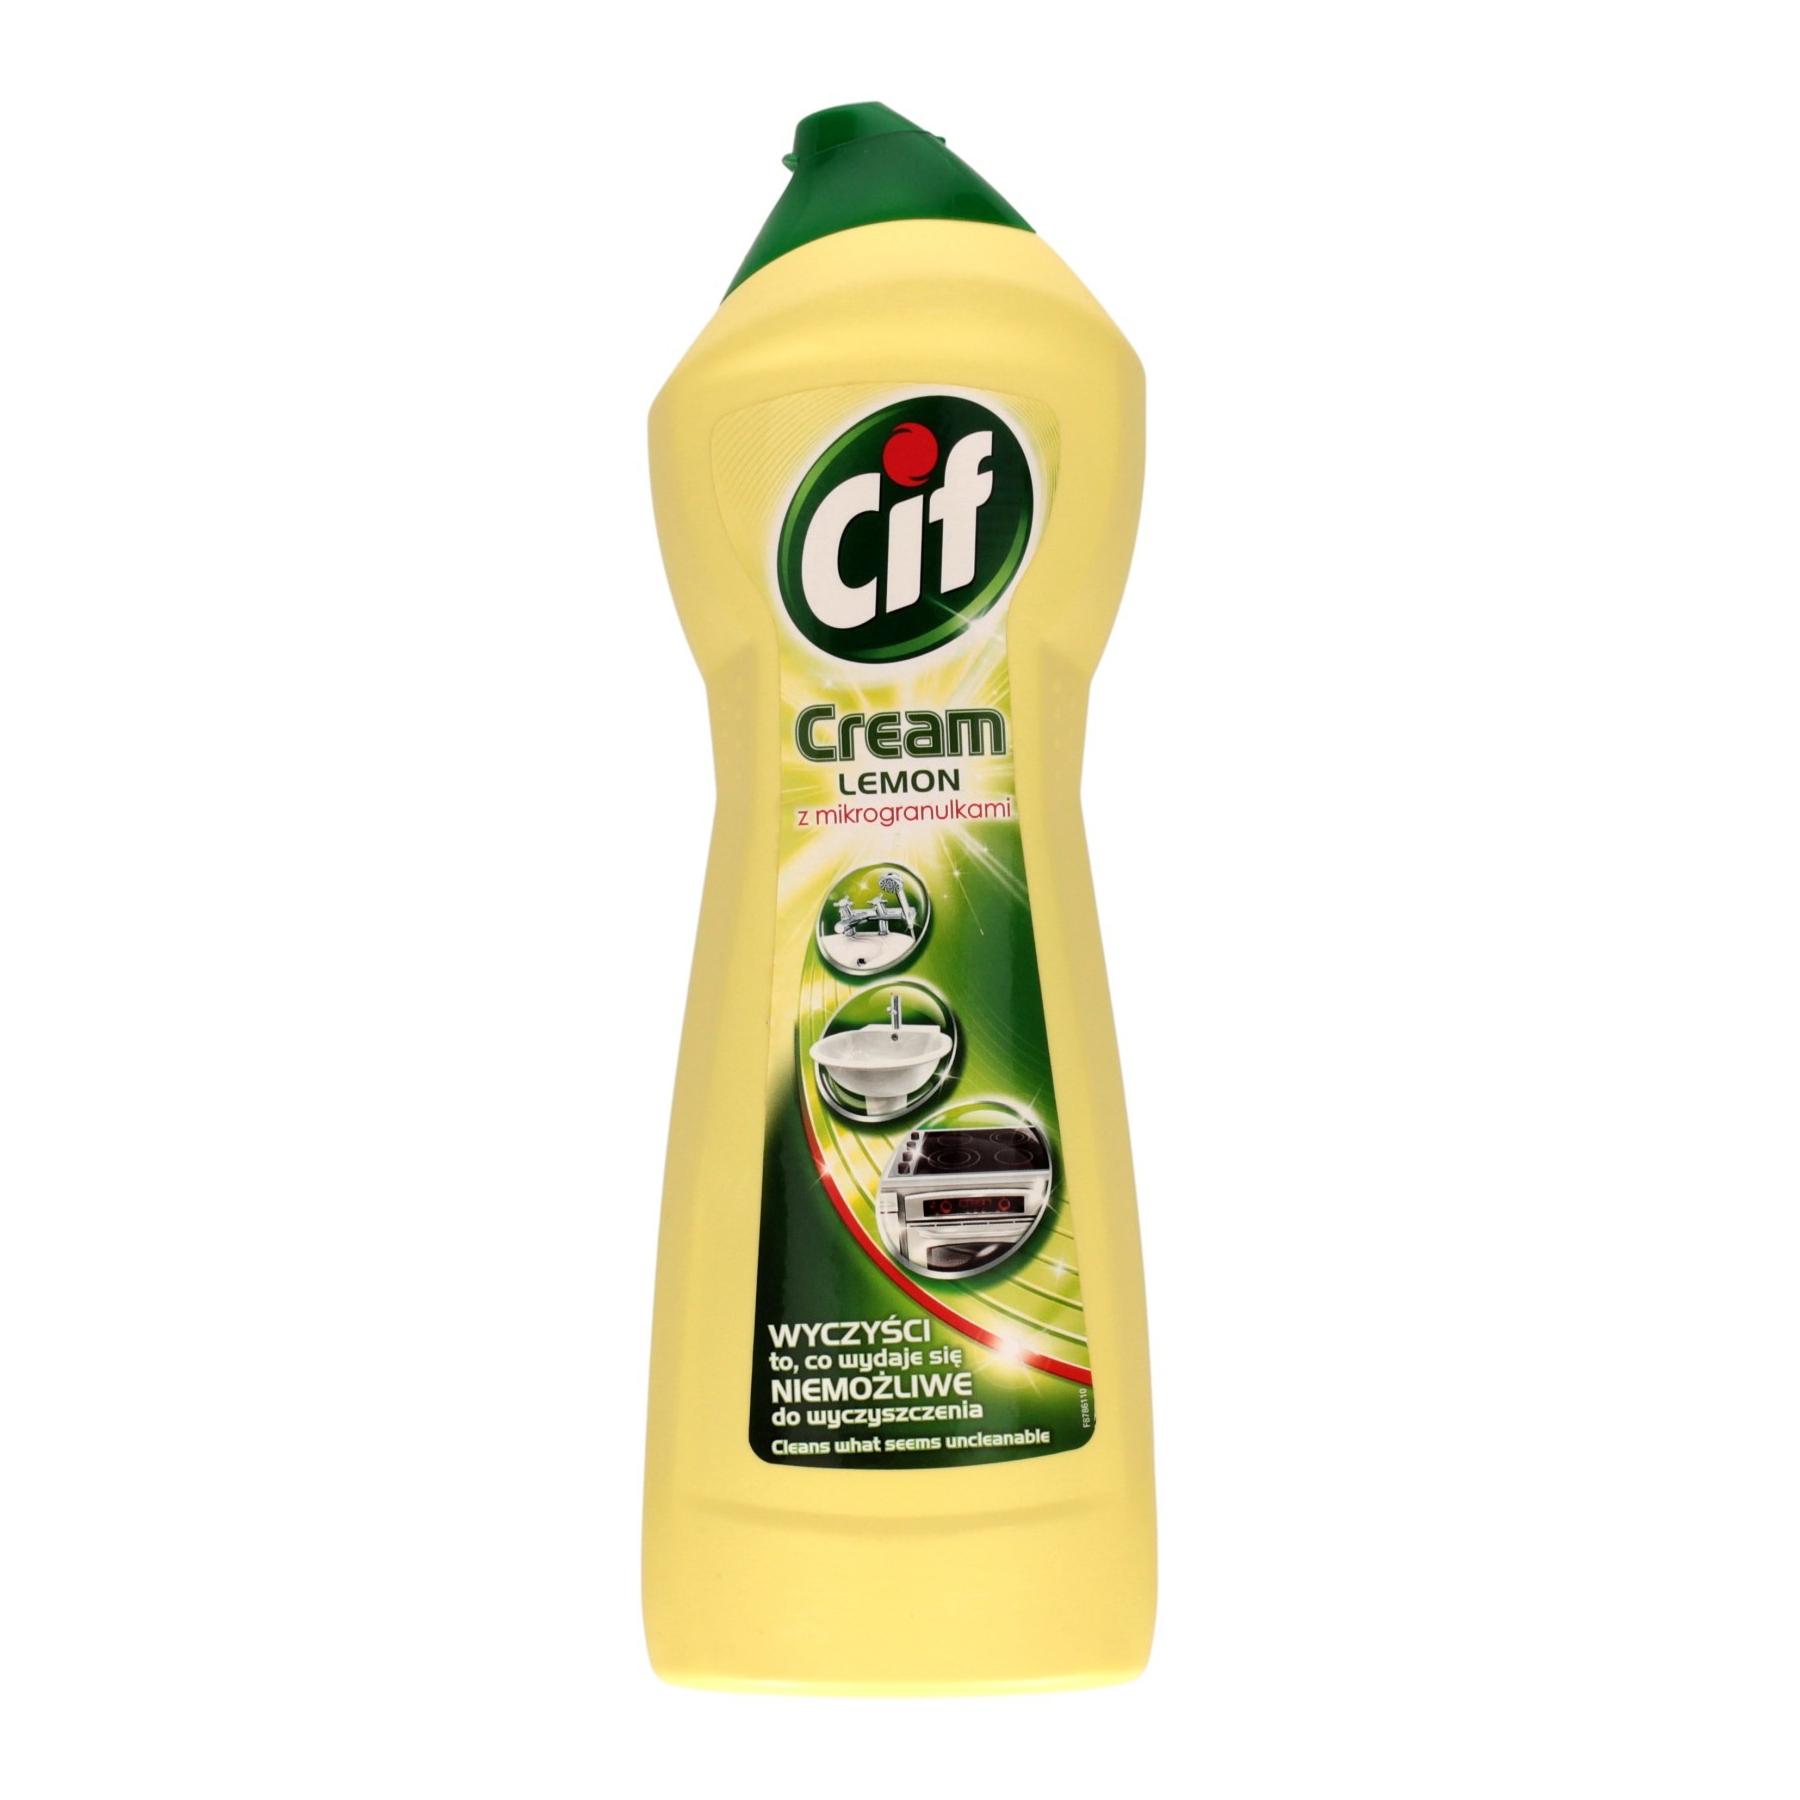 Cif środki czystości